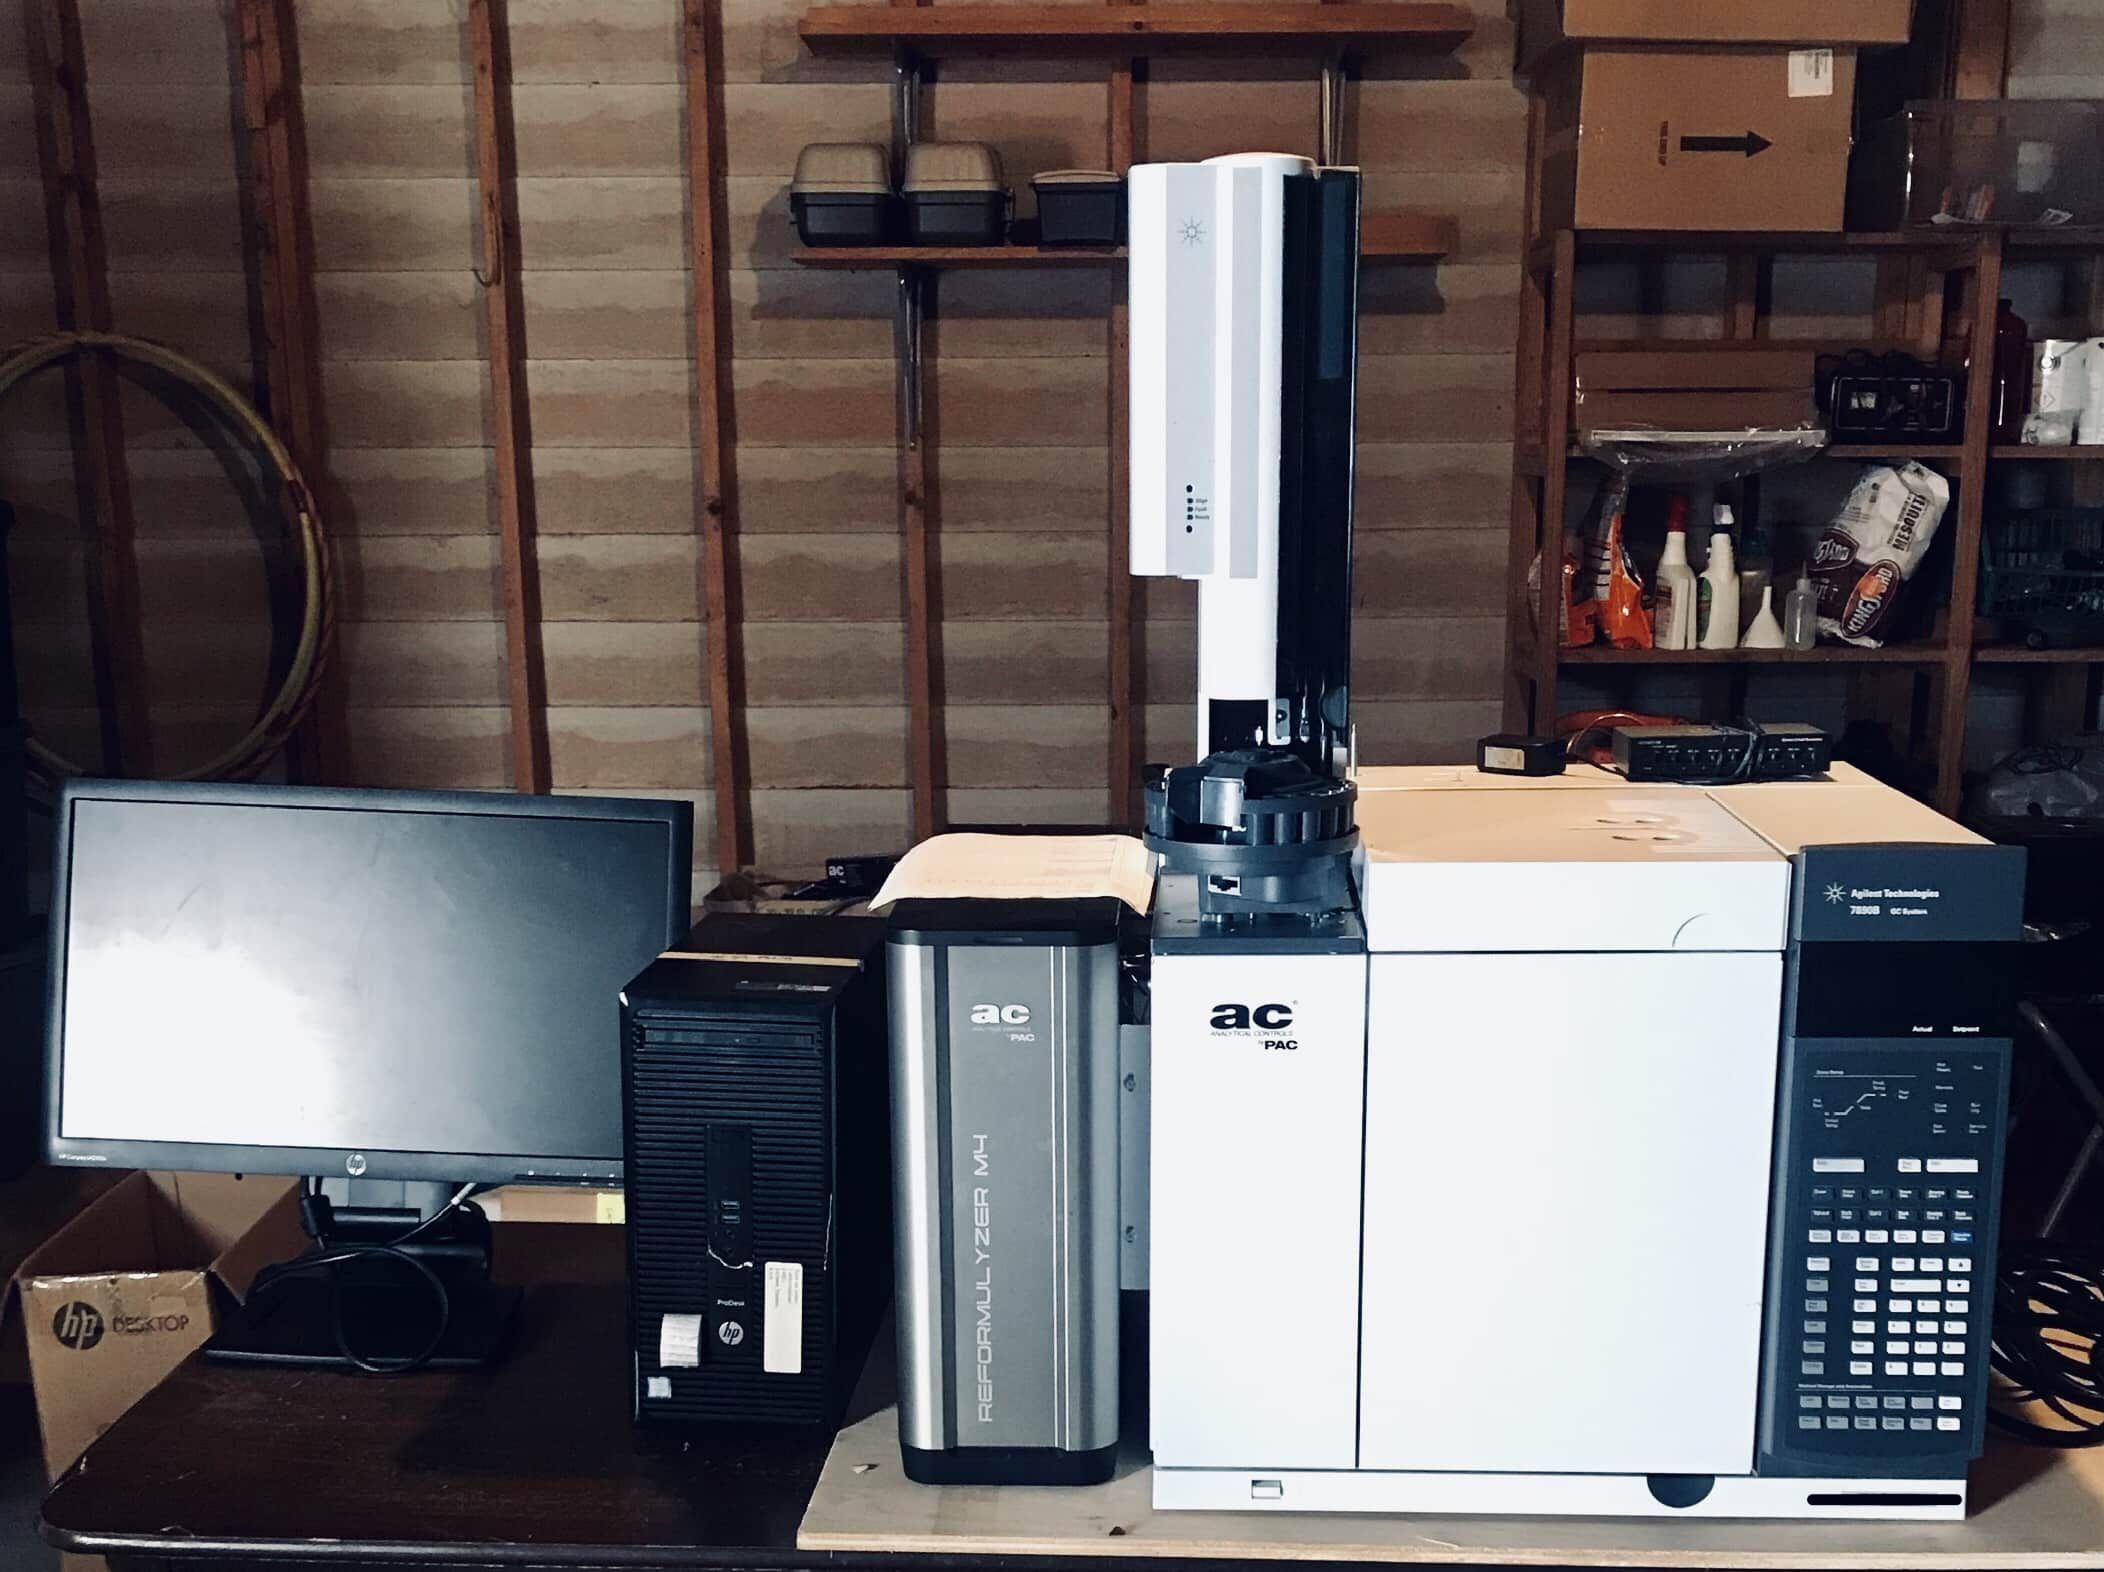 M4 Reformulyzer PIONA GC analyzer